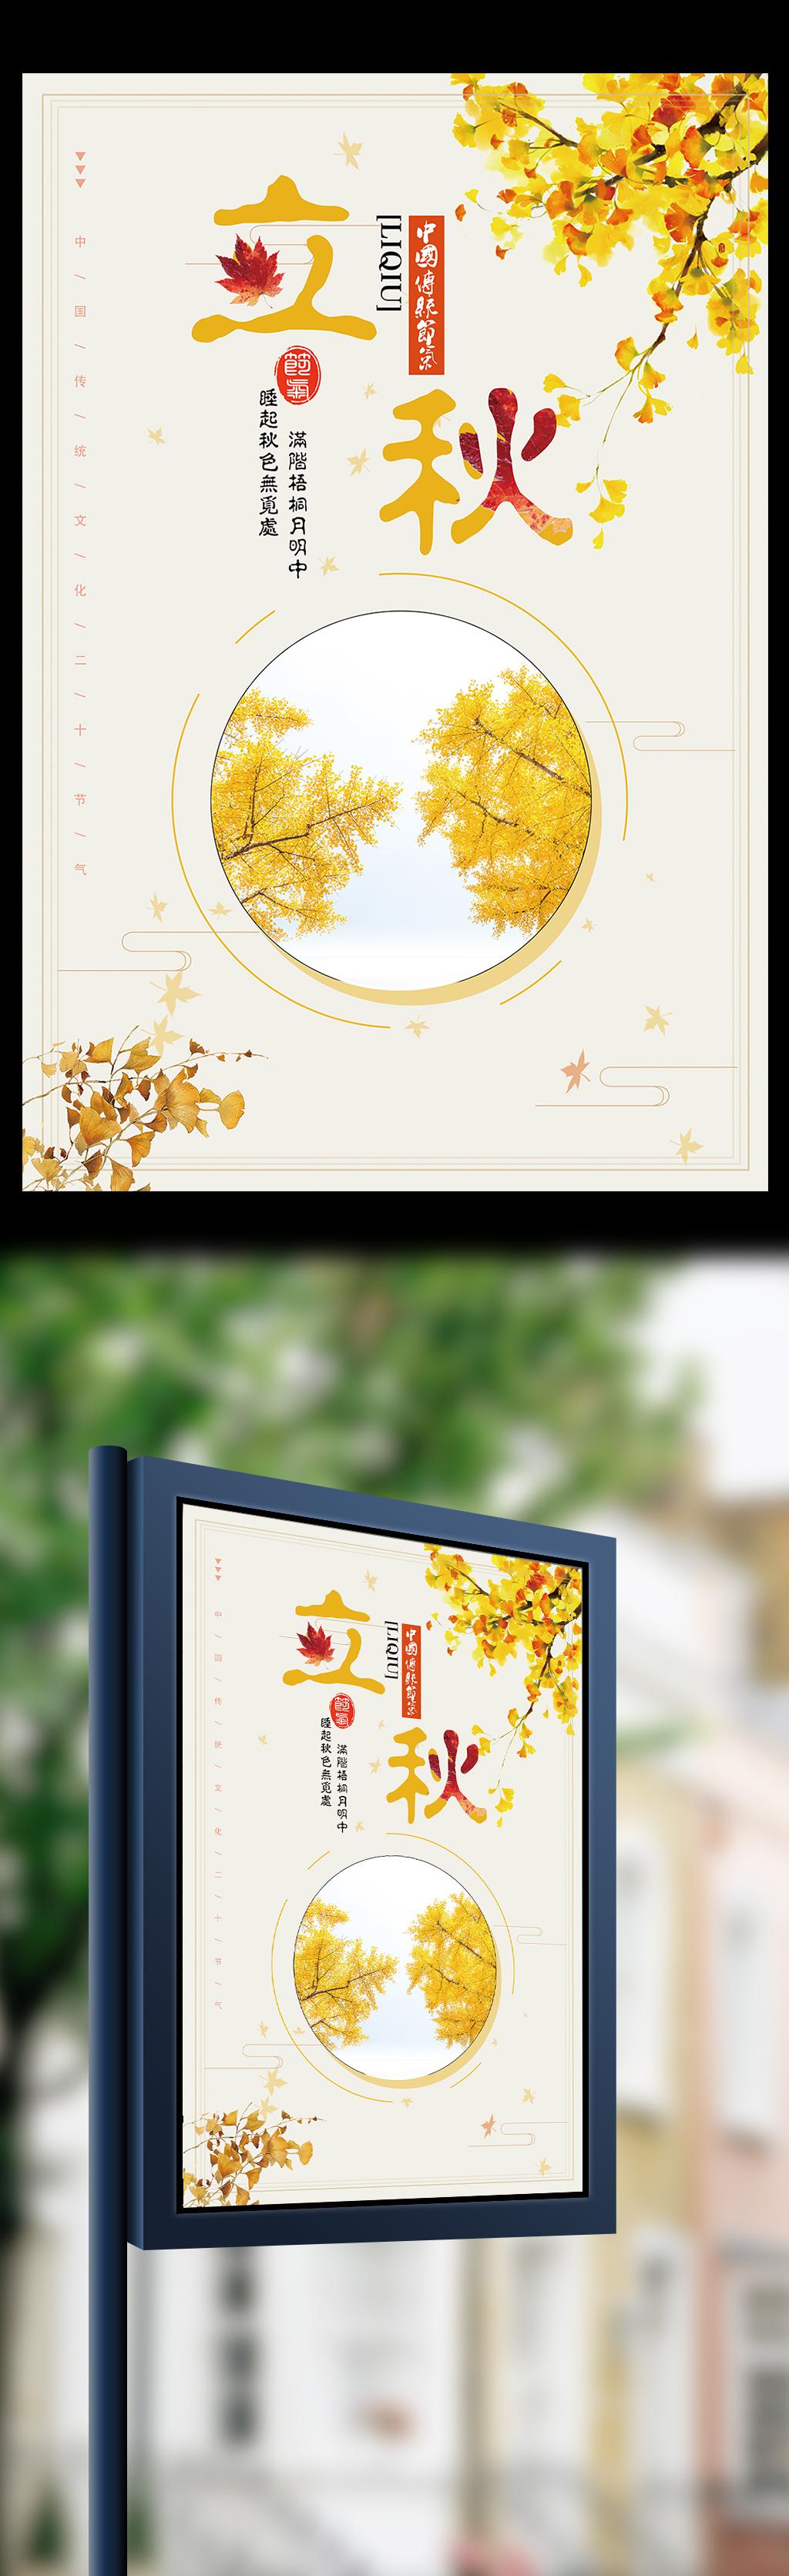 手绘风格24节气立秋创意海报